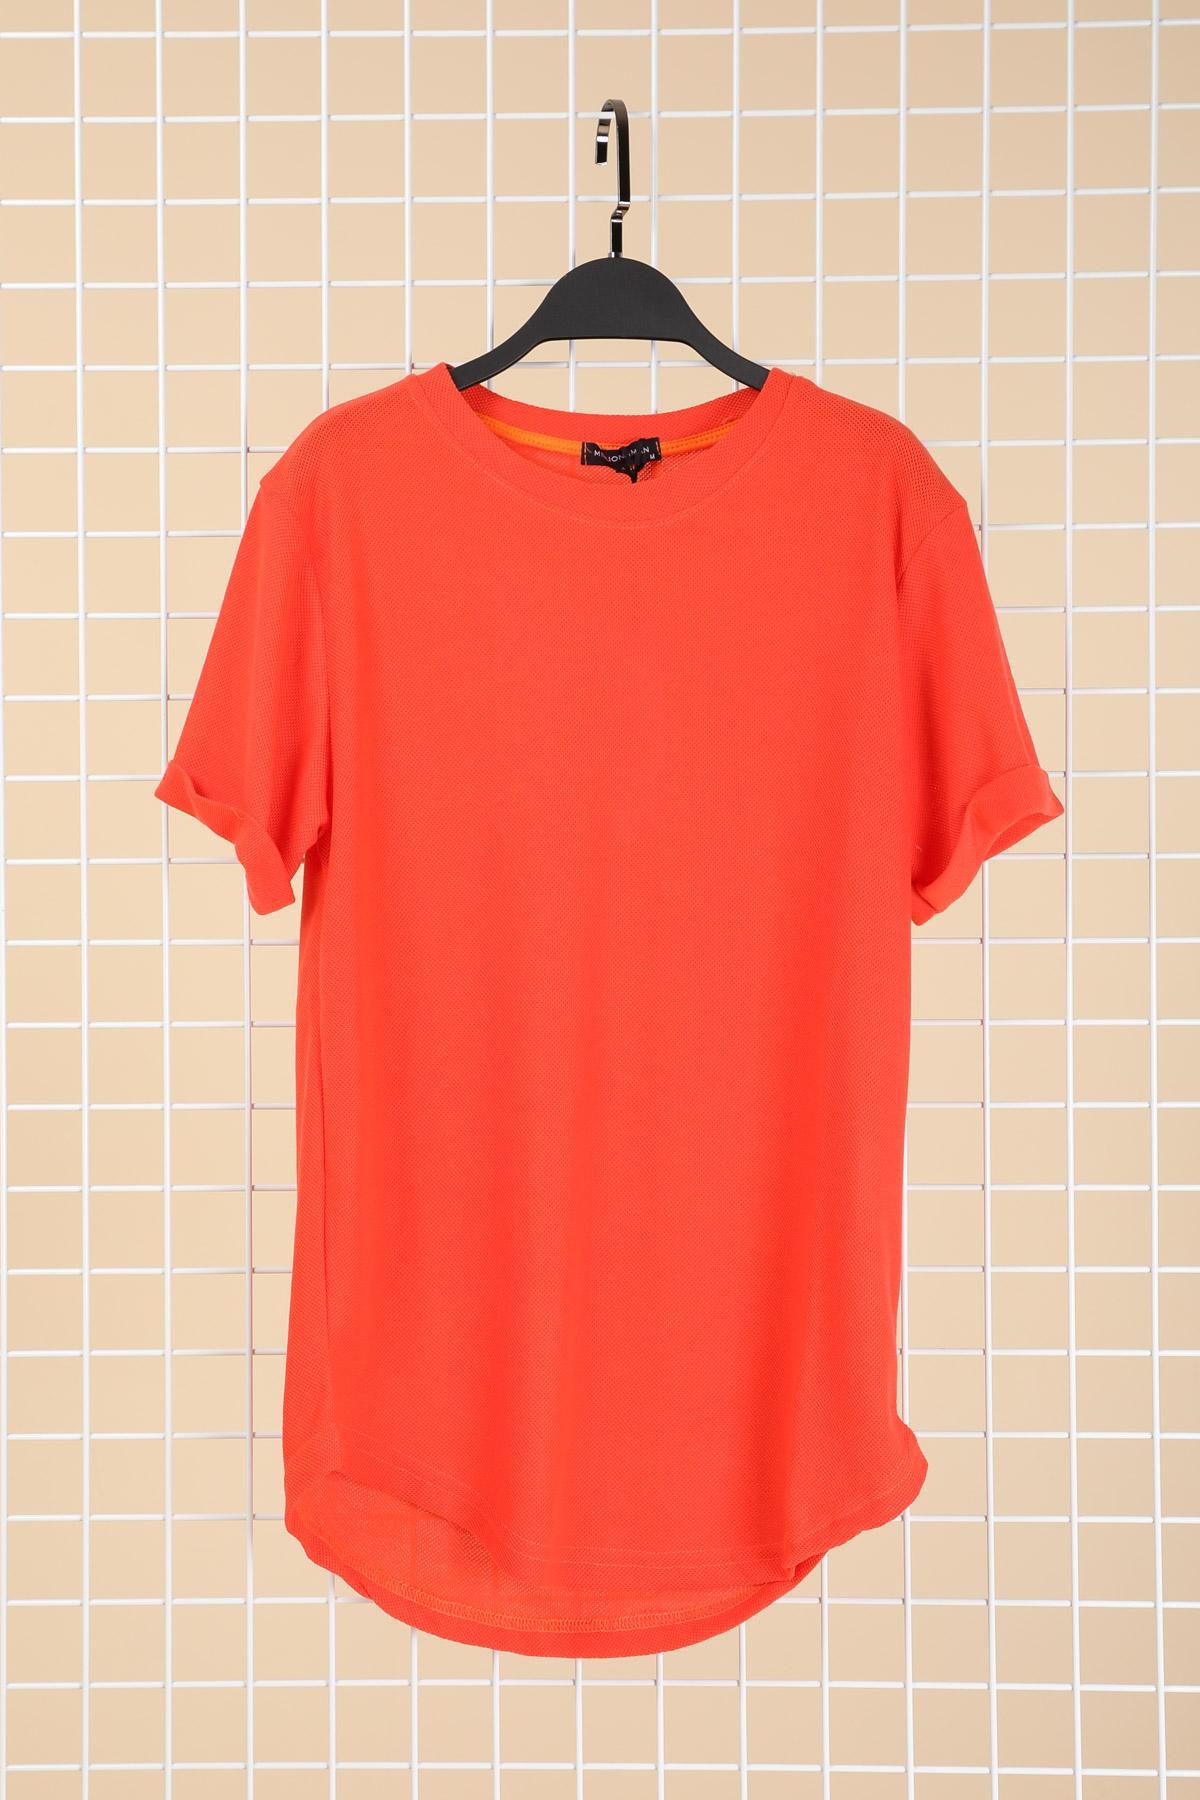 T-shirts Homme Orange TOP MONDAY 7241 #c eFashion Paris